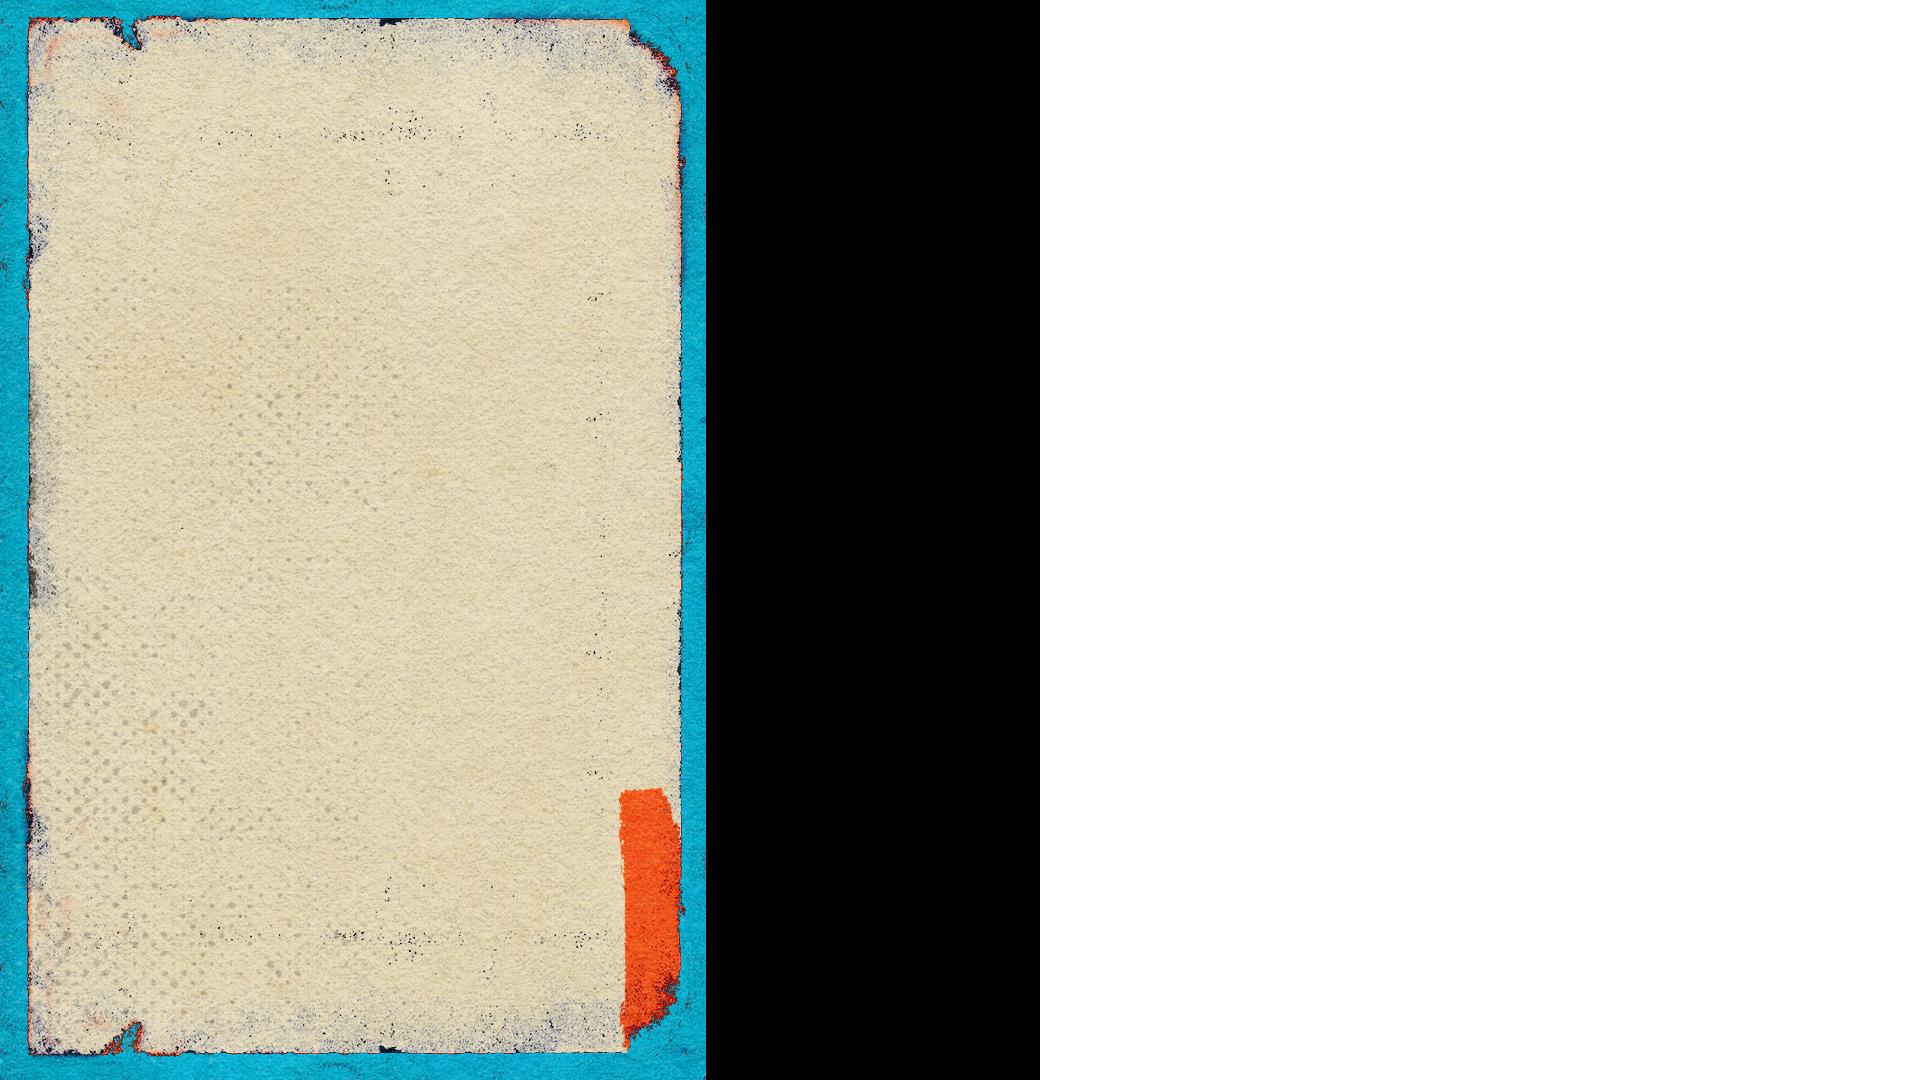 Verses 2 1920x1080 (PNG)